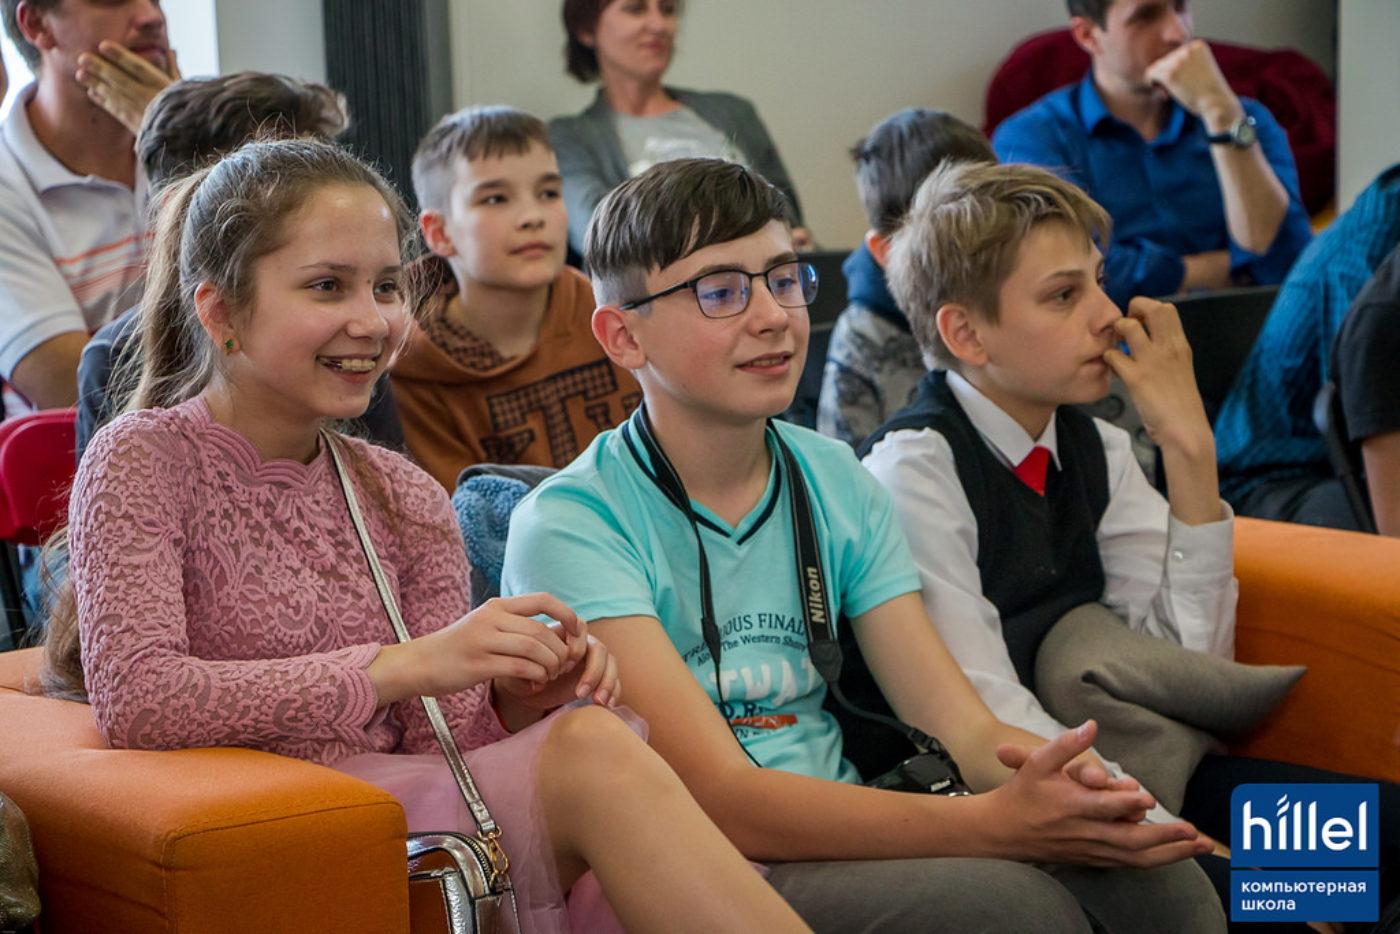 Мероприятия: Детский день в Компьютерной школе Hillel в Харькове